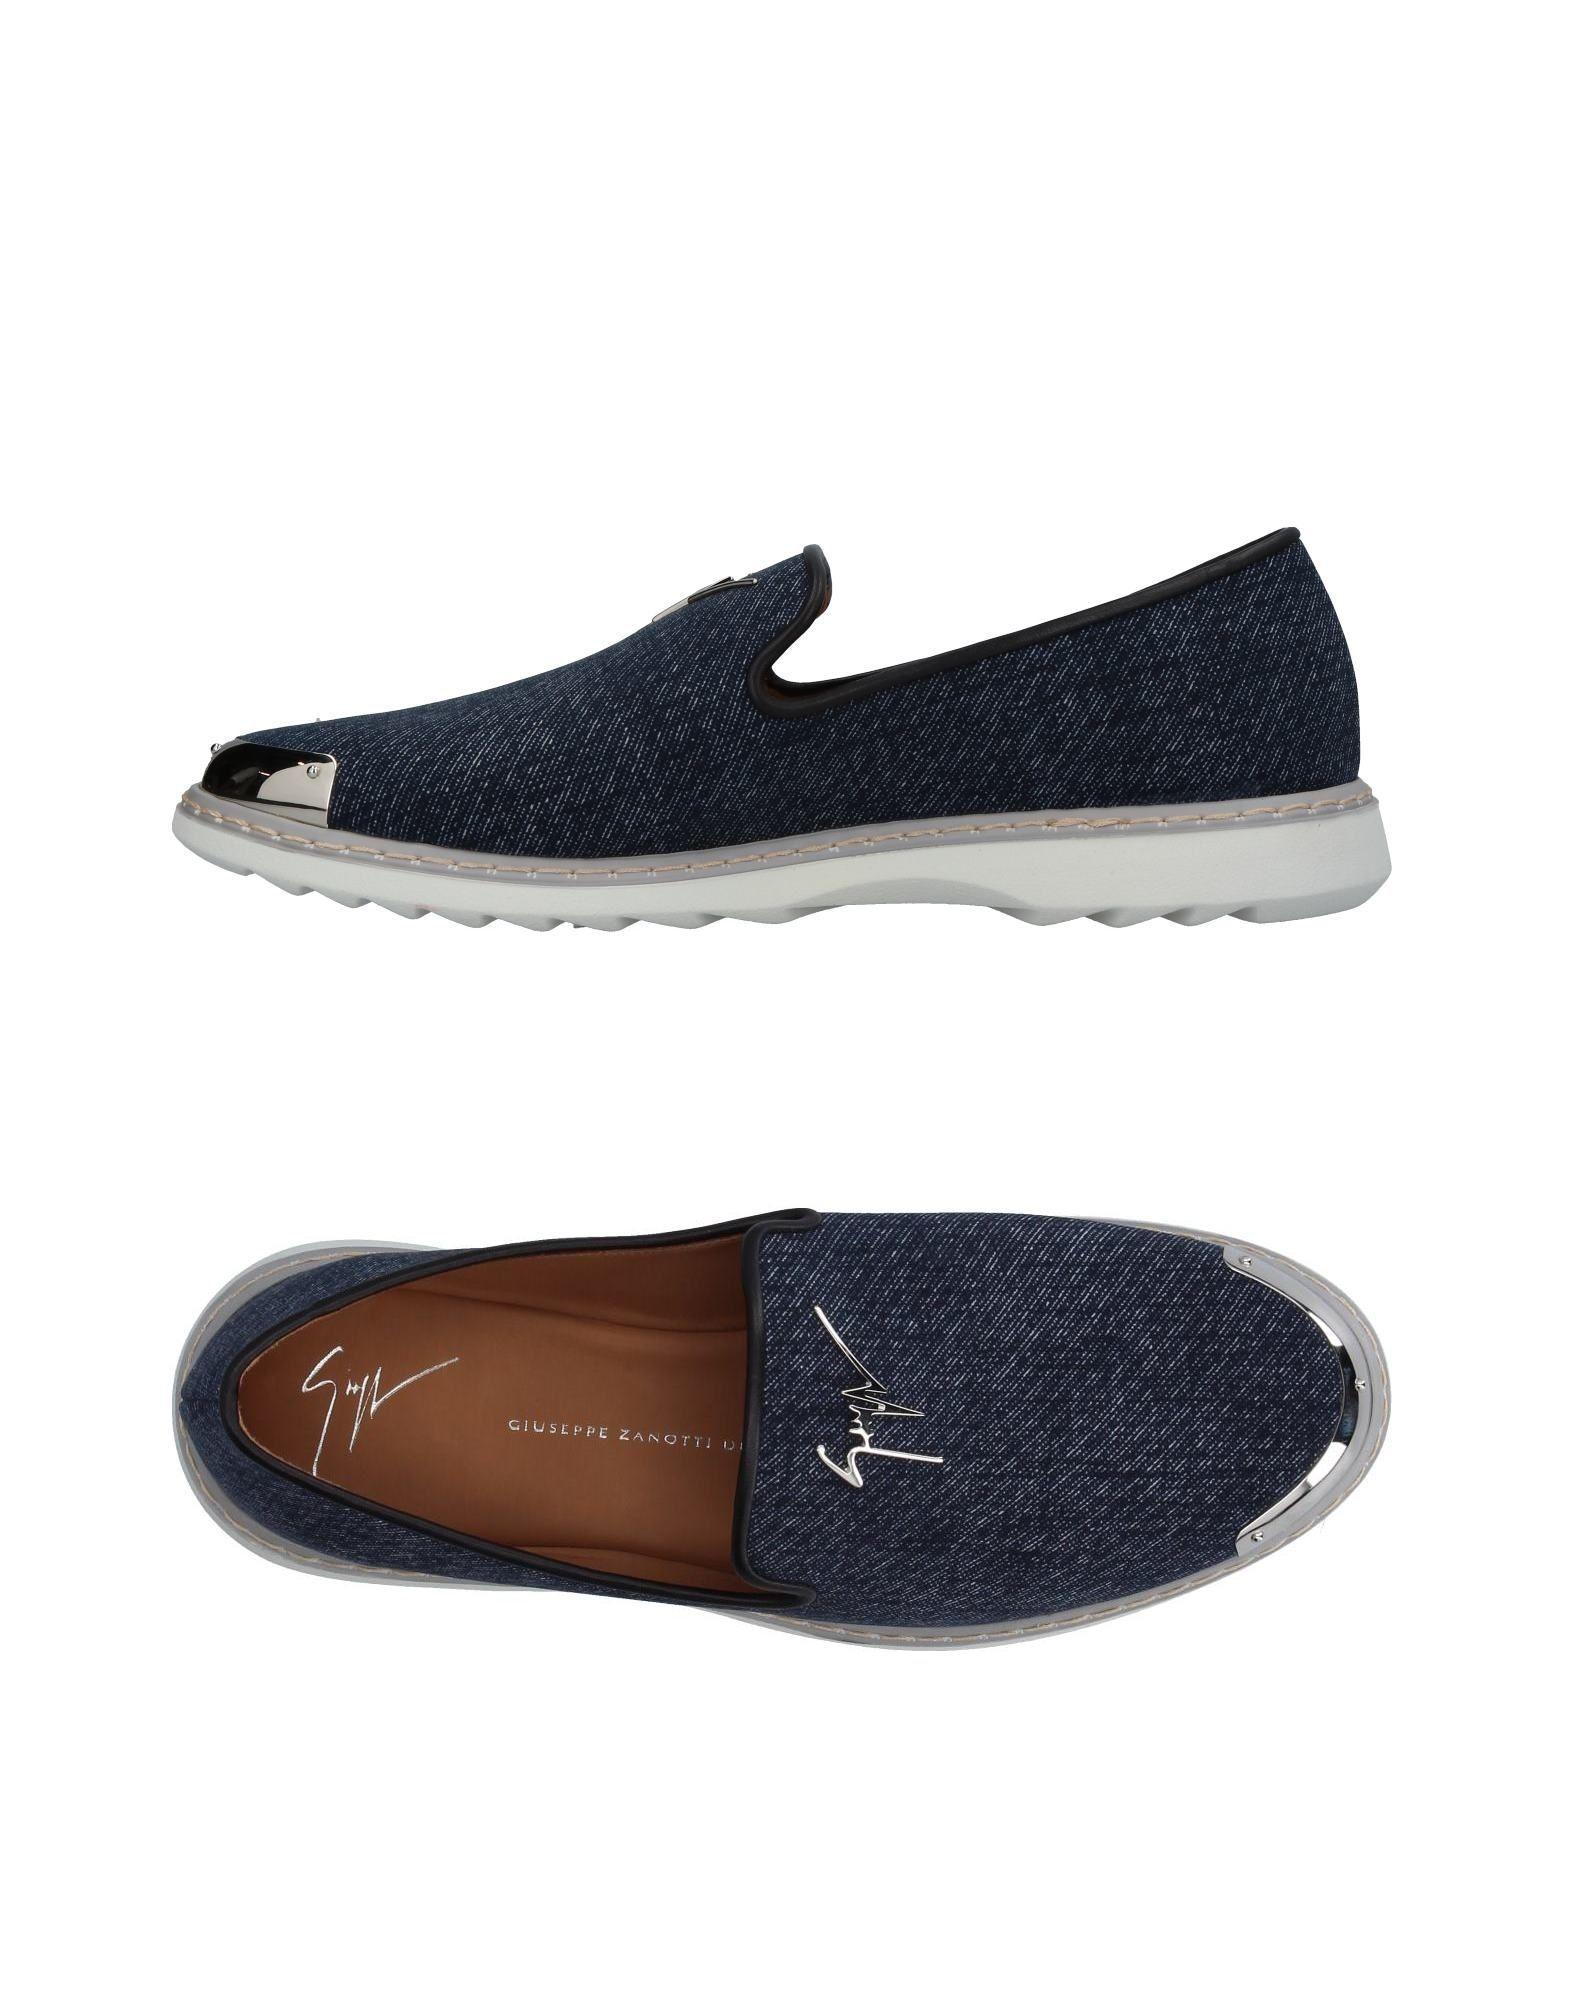 Giuseppe Zanotti Mokassins Herren  11365728MW Gute Qualität beliebte Schuhe